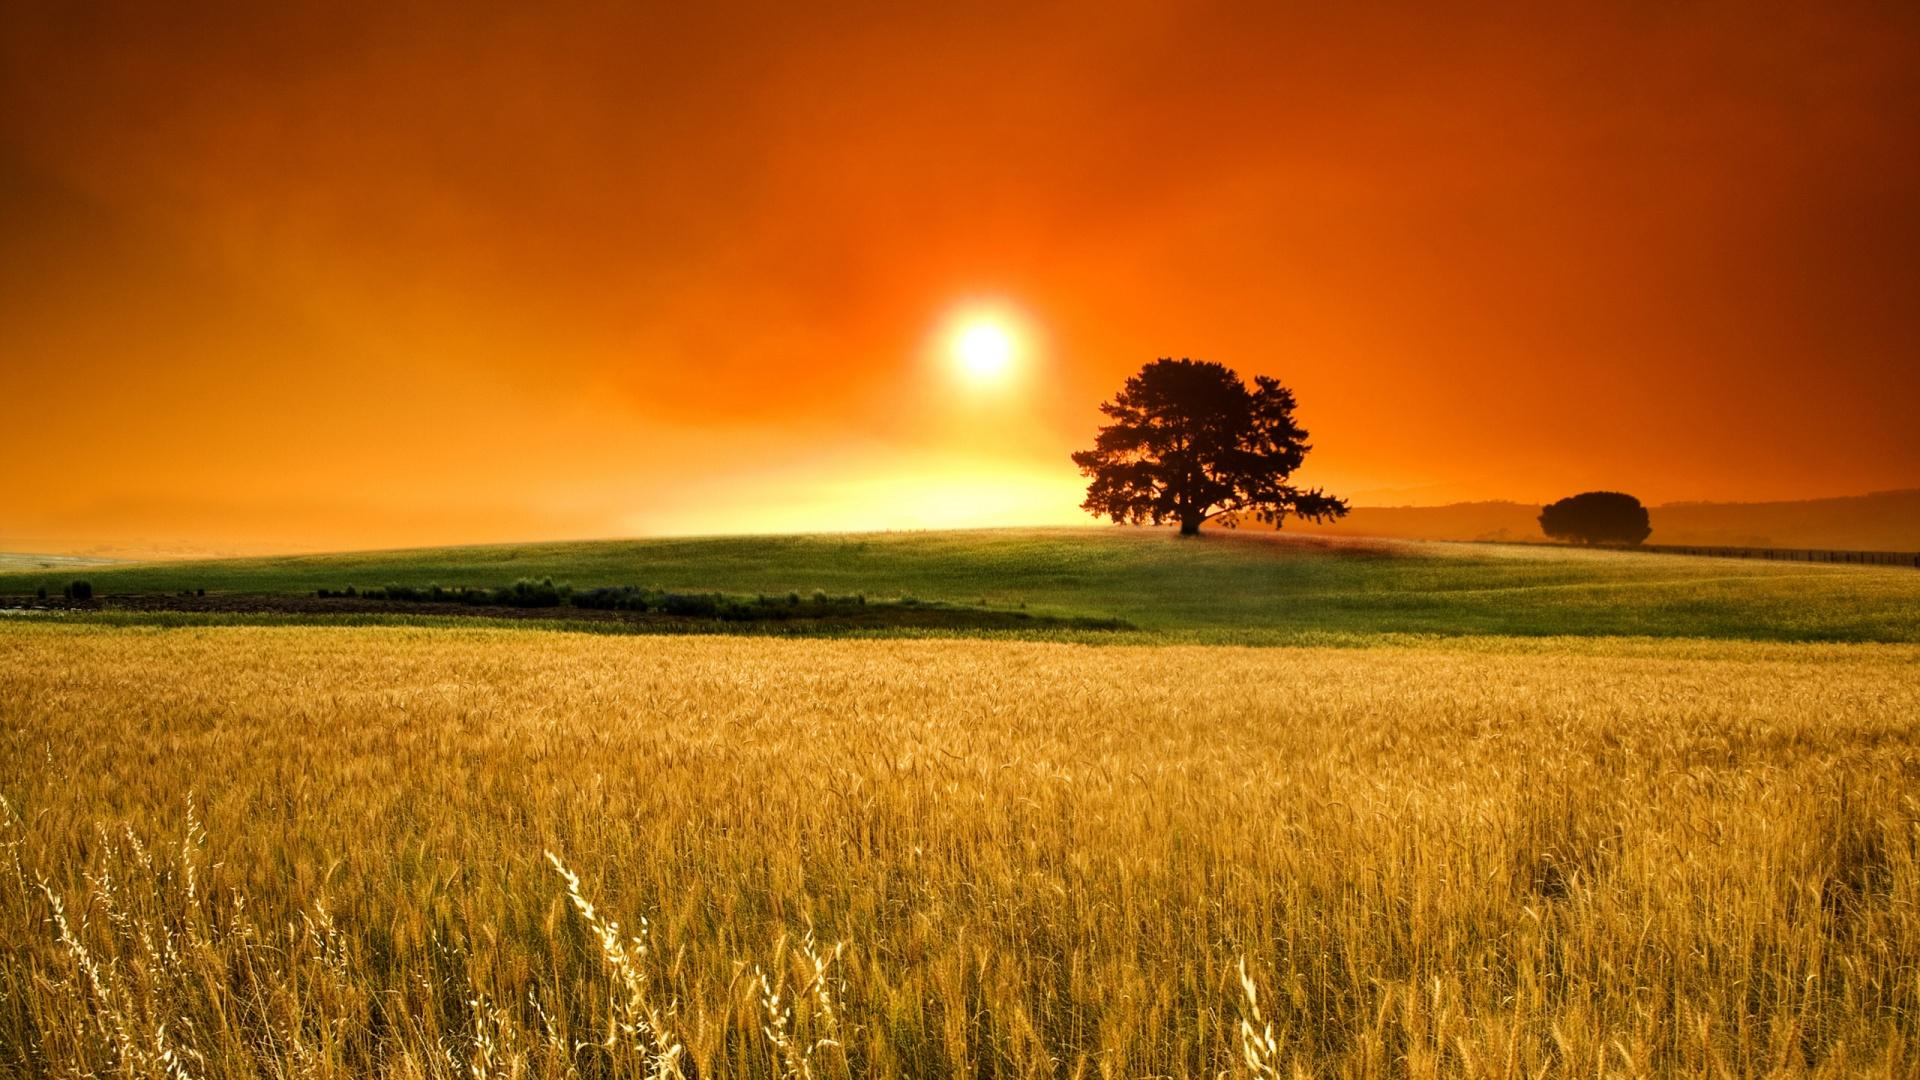 wheat-field-hd-wallpaper-509542